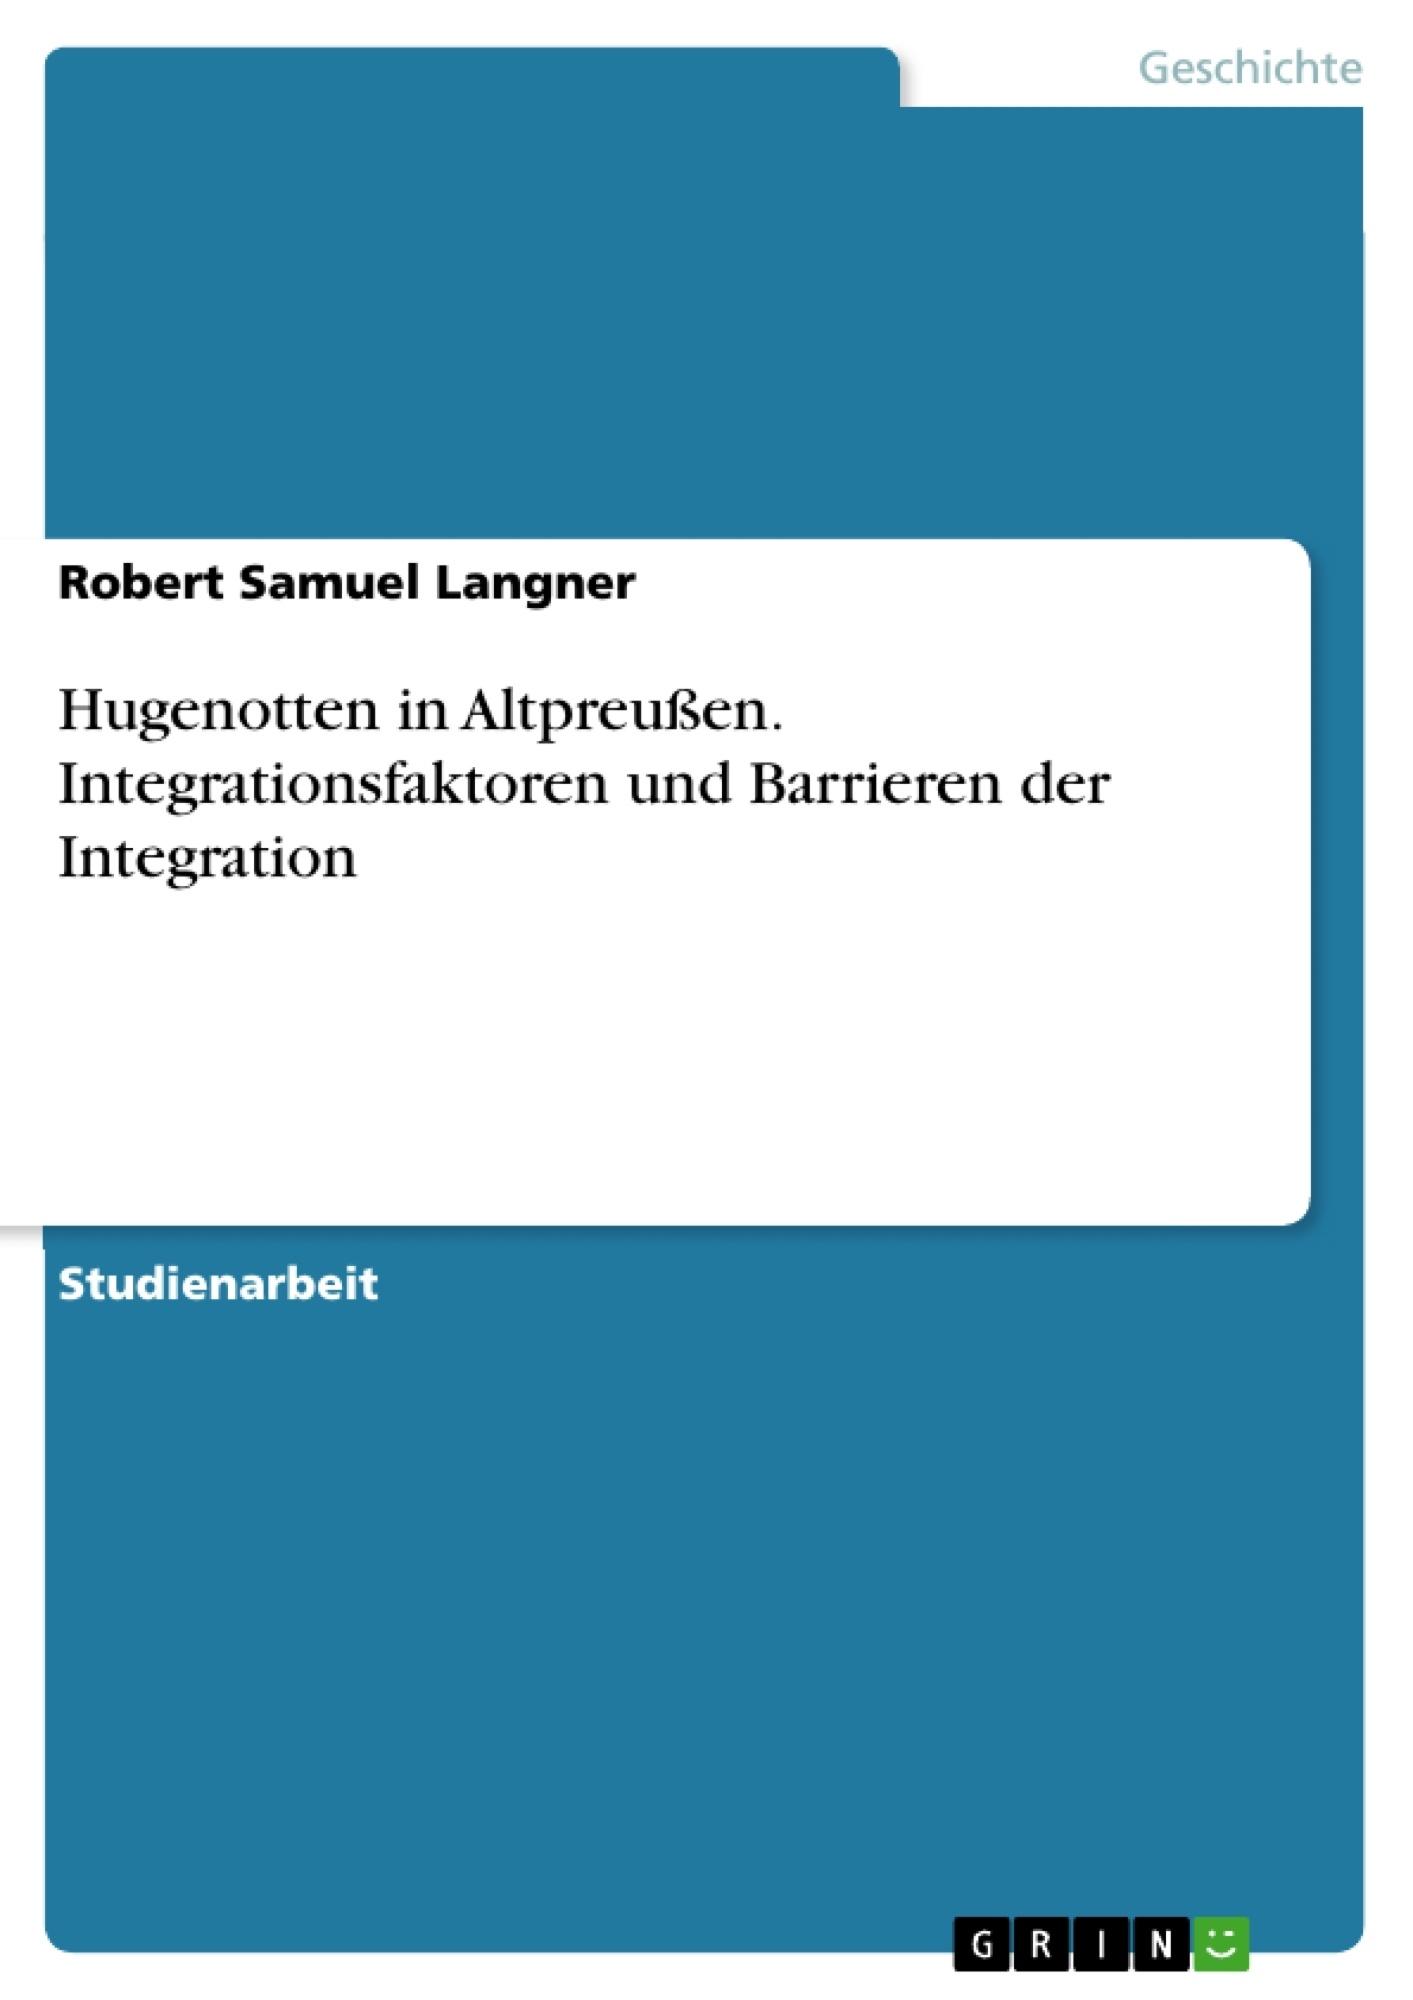 Titel: Hugenotten in Altpreußen. Integrationsfaktoren und Barrieren der Integration